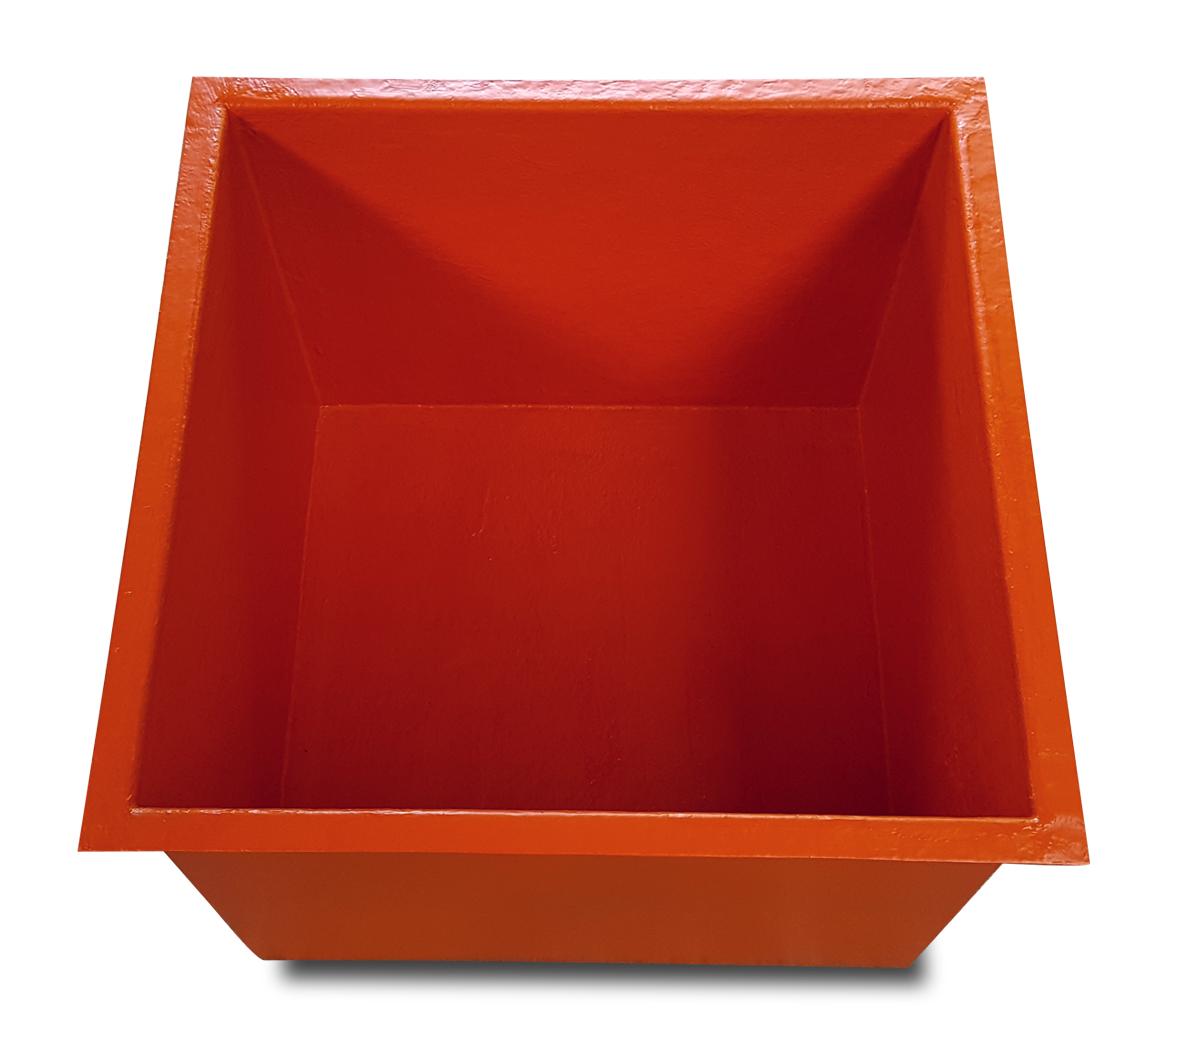 Bassin sur mesure JCB carré orange